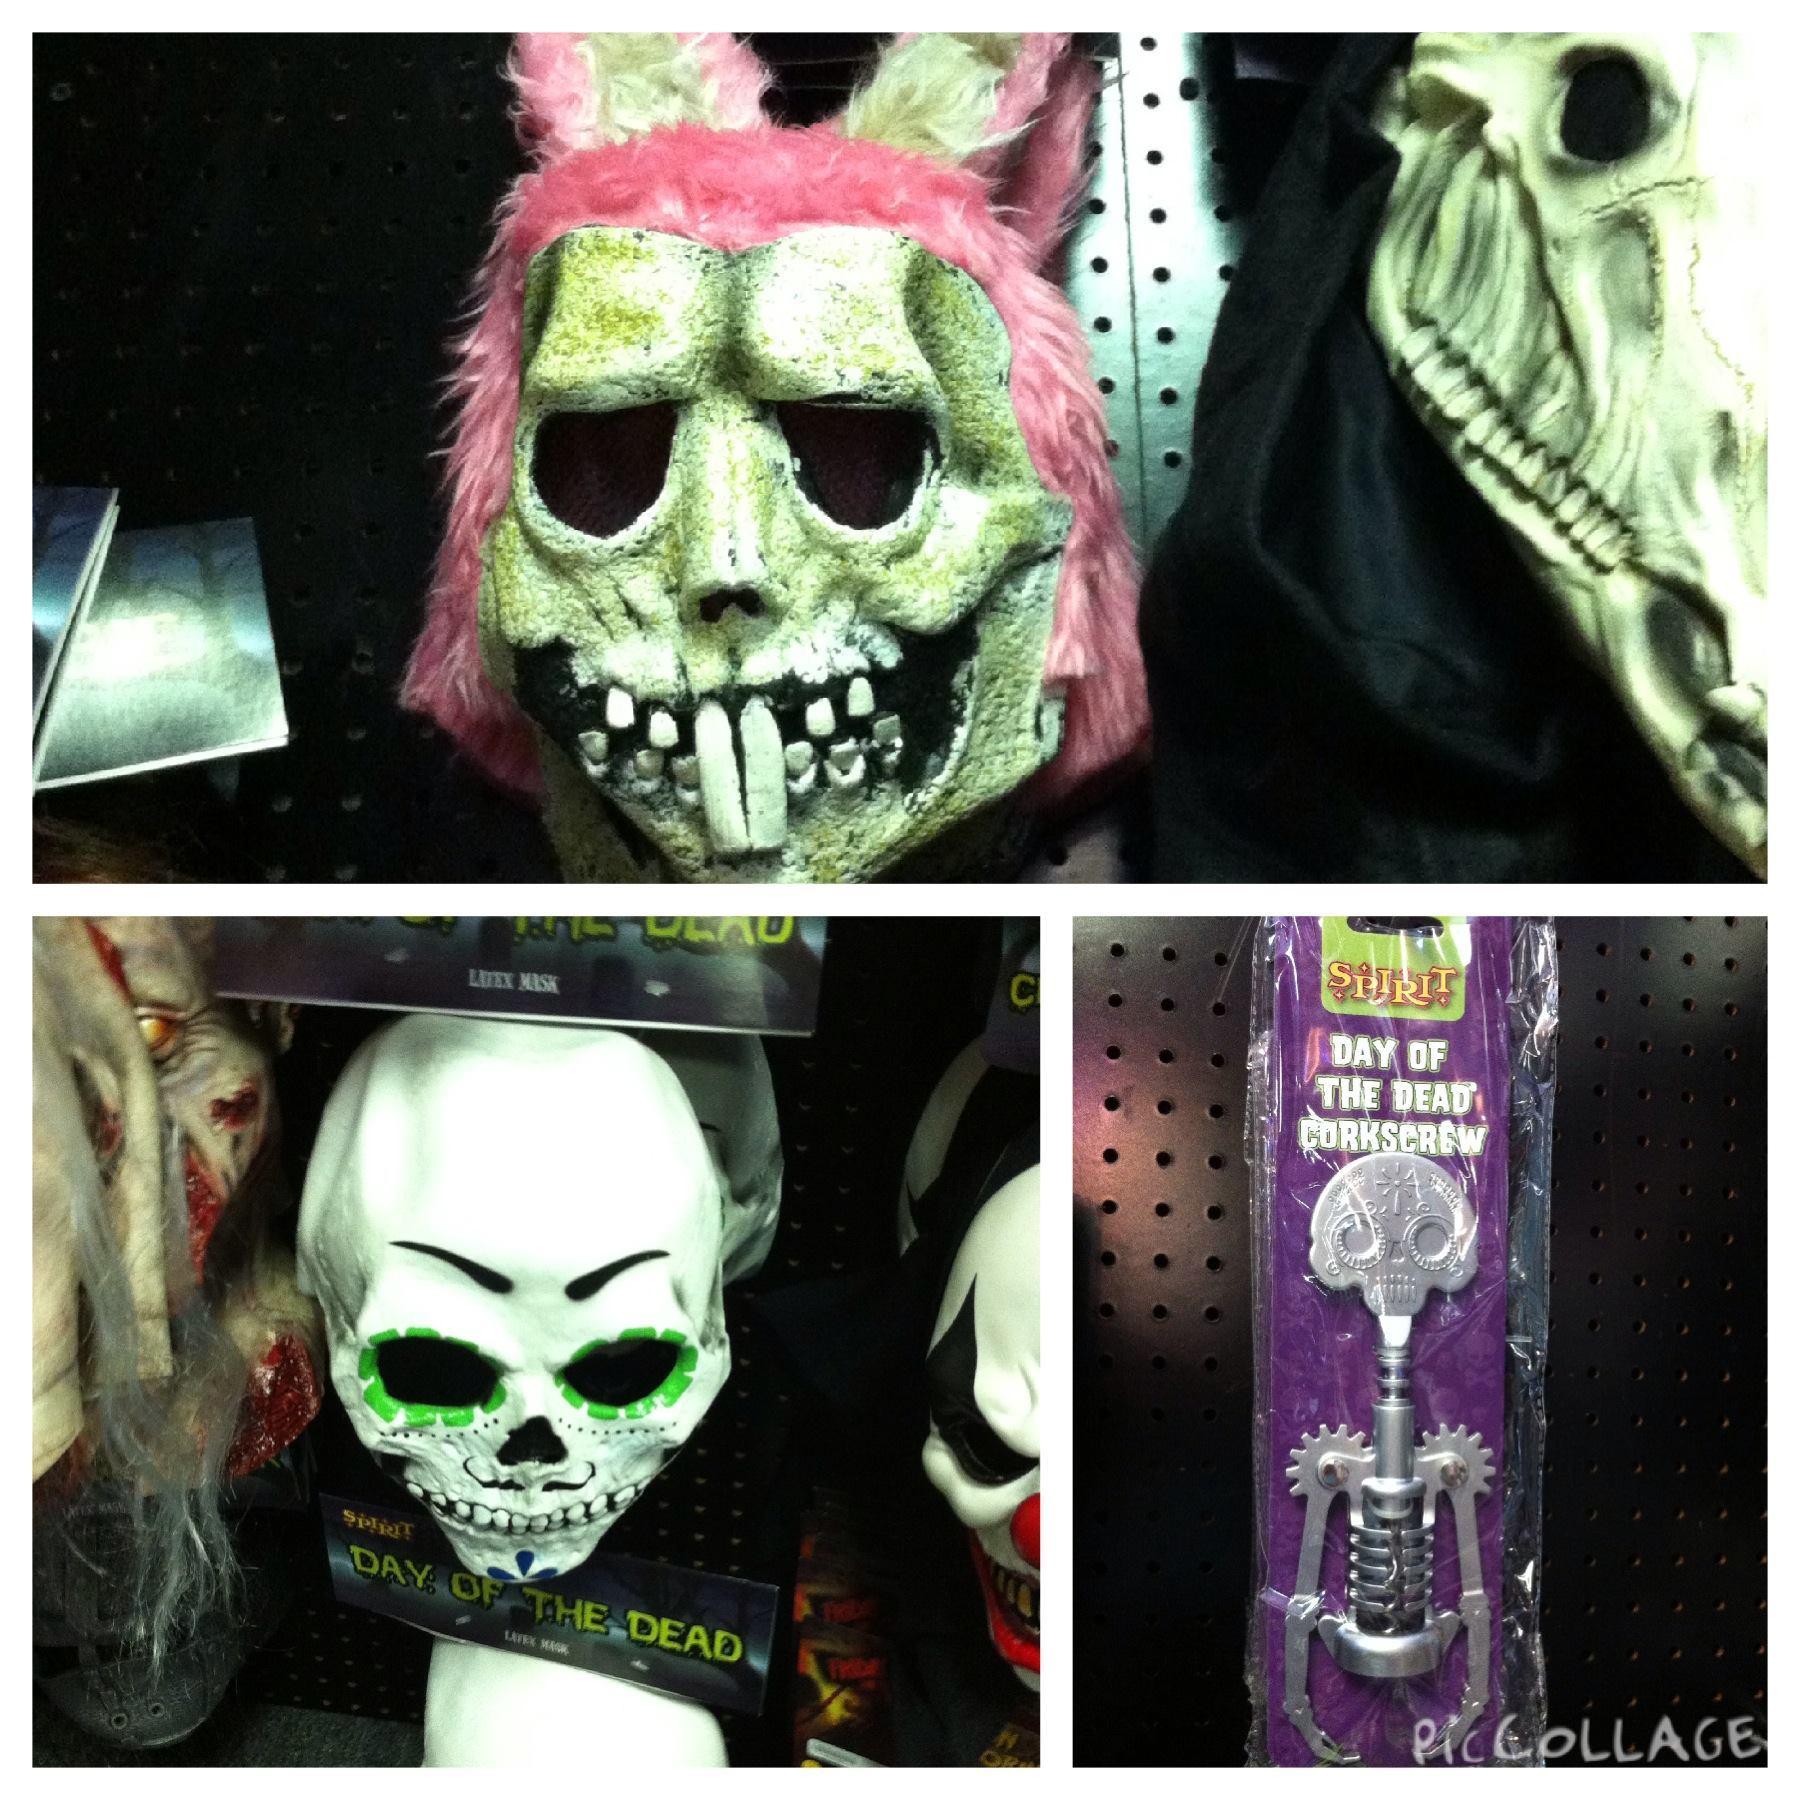 spirit halloween in pasadena texas was open on 2014 08 29